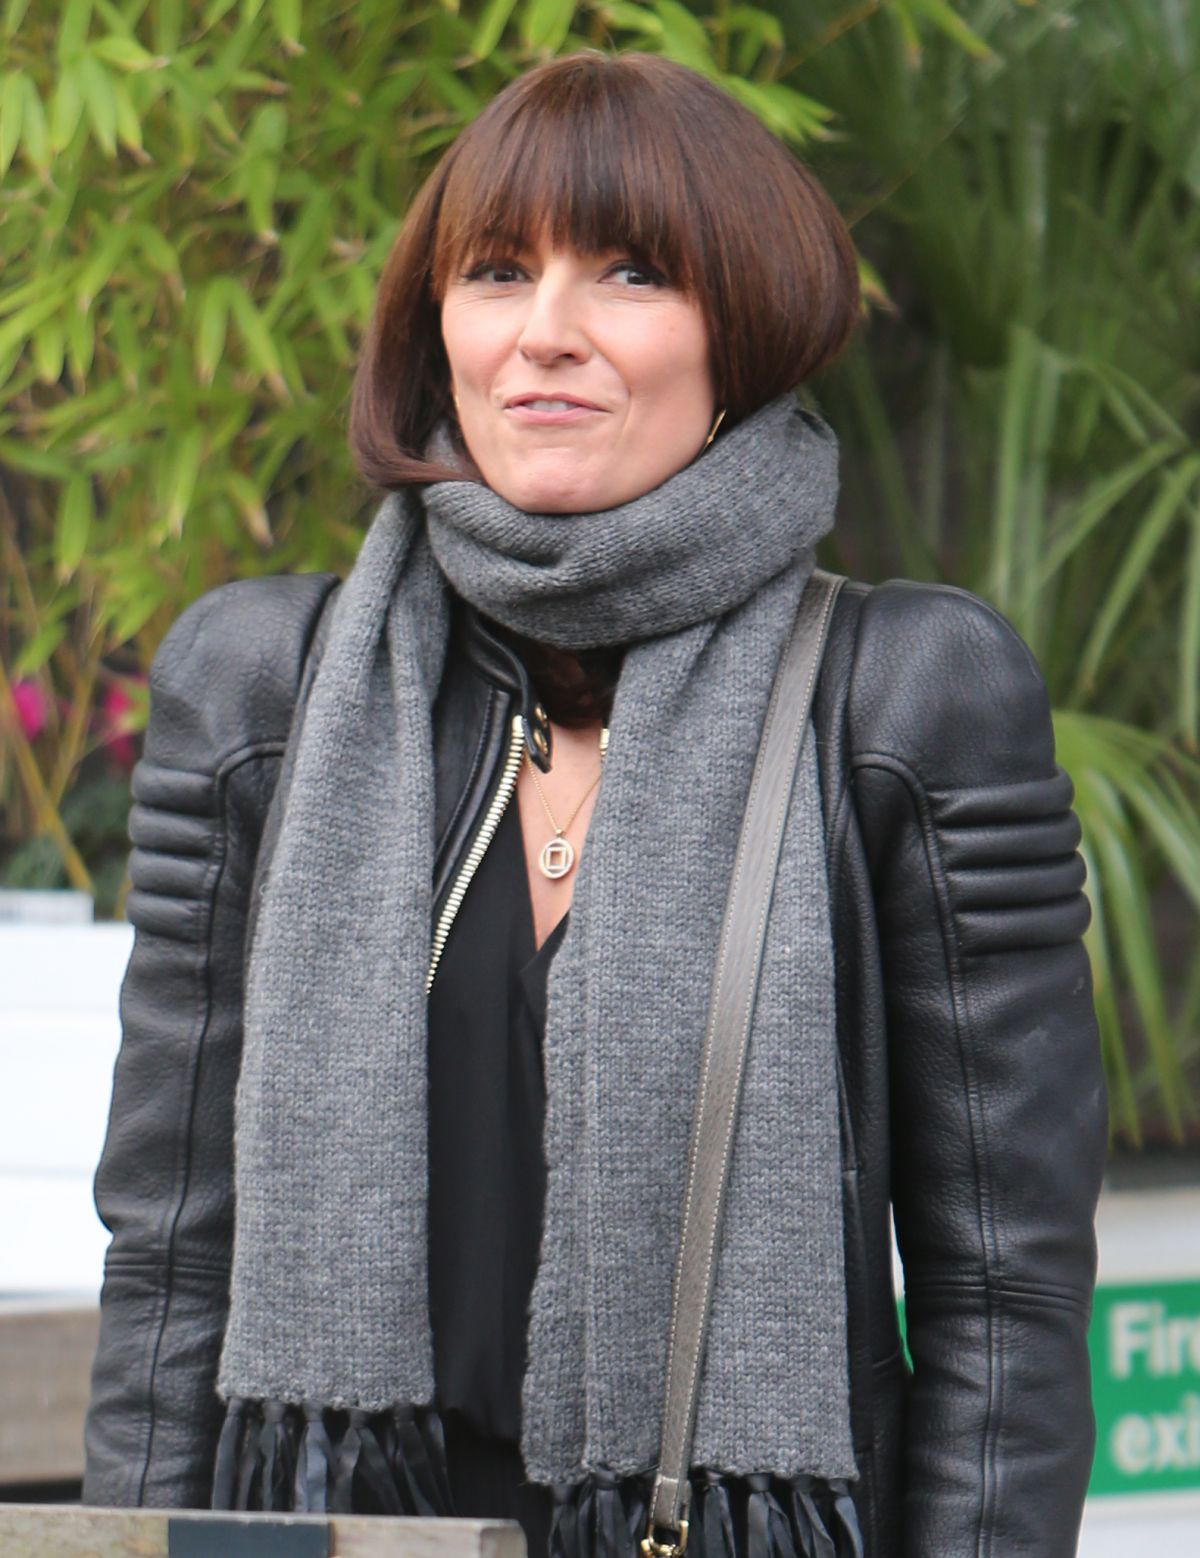 DAVINA MCCALL Leaves ITV Studio in London